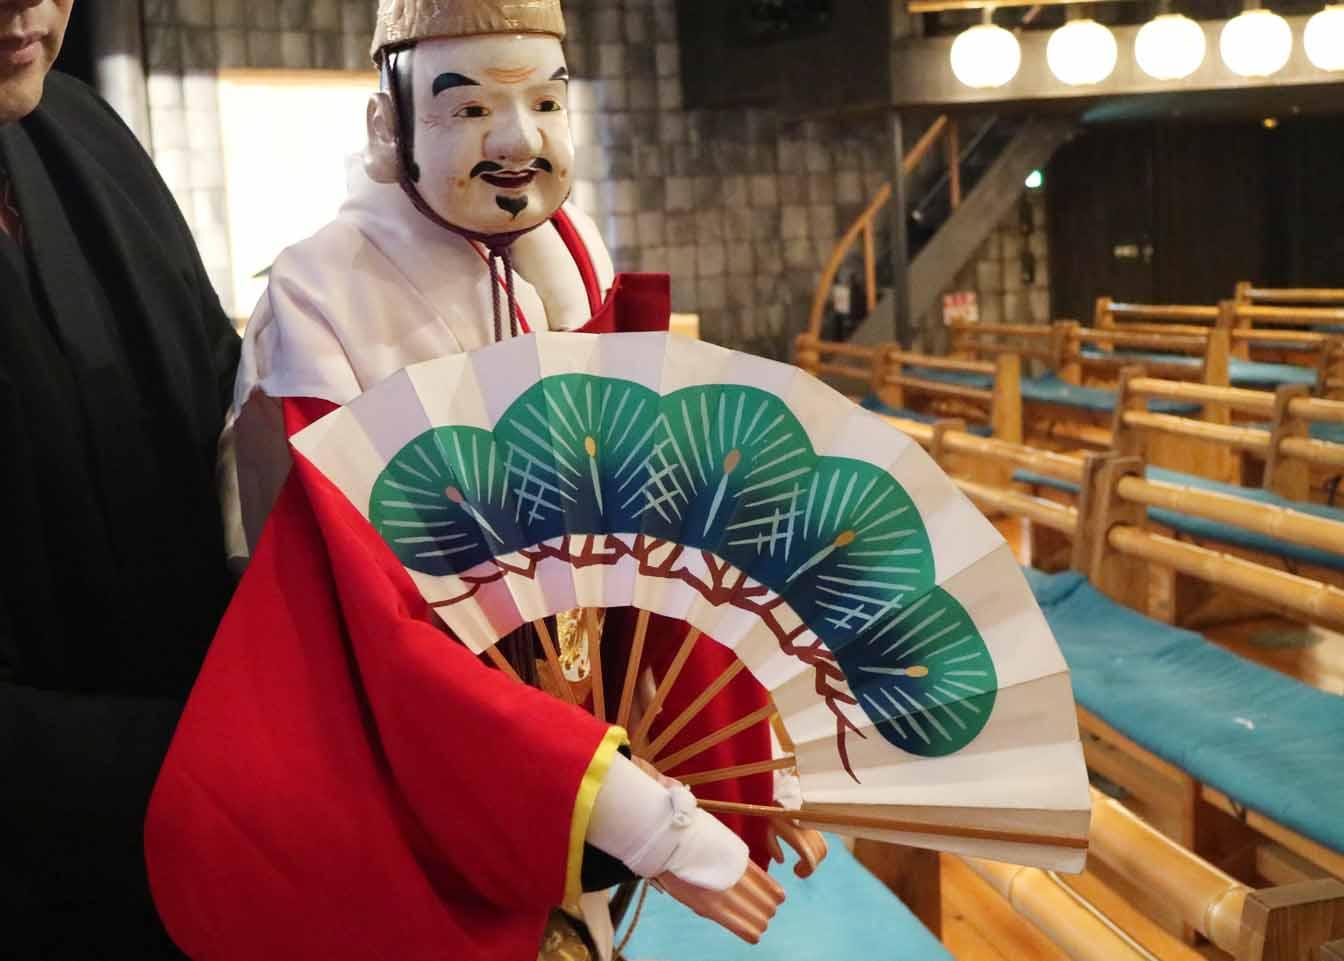 客席から見るとこの通り!うまく手を隠しながら人形が扇を持っているように見せます